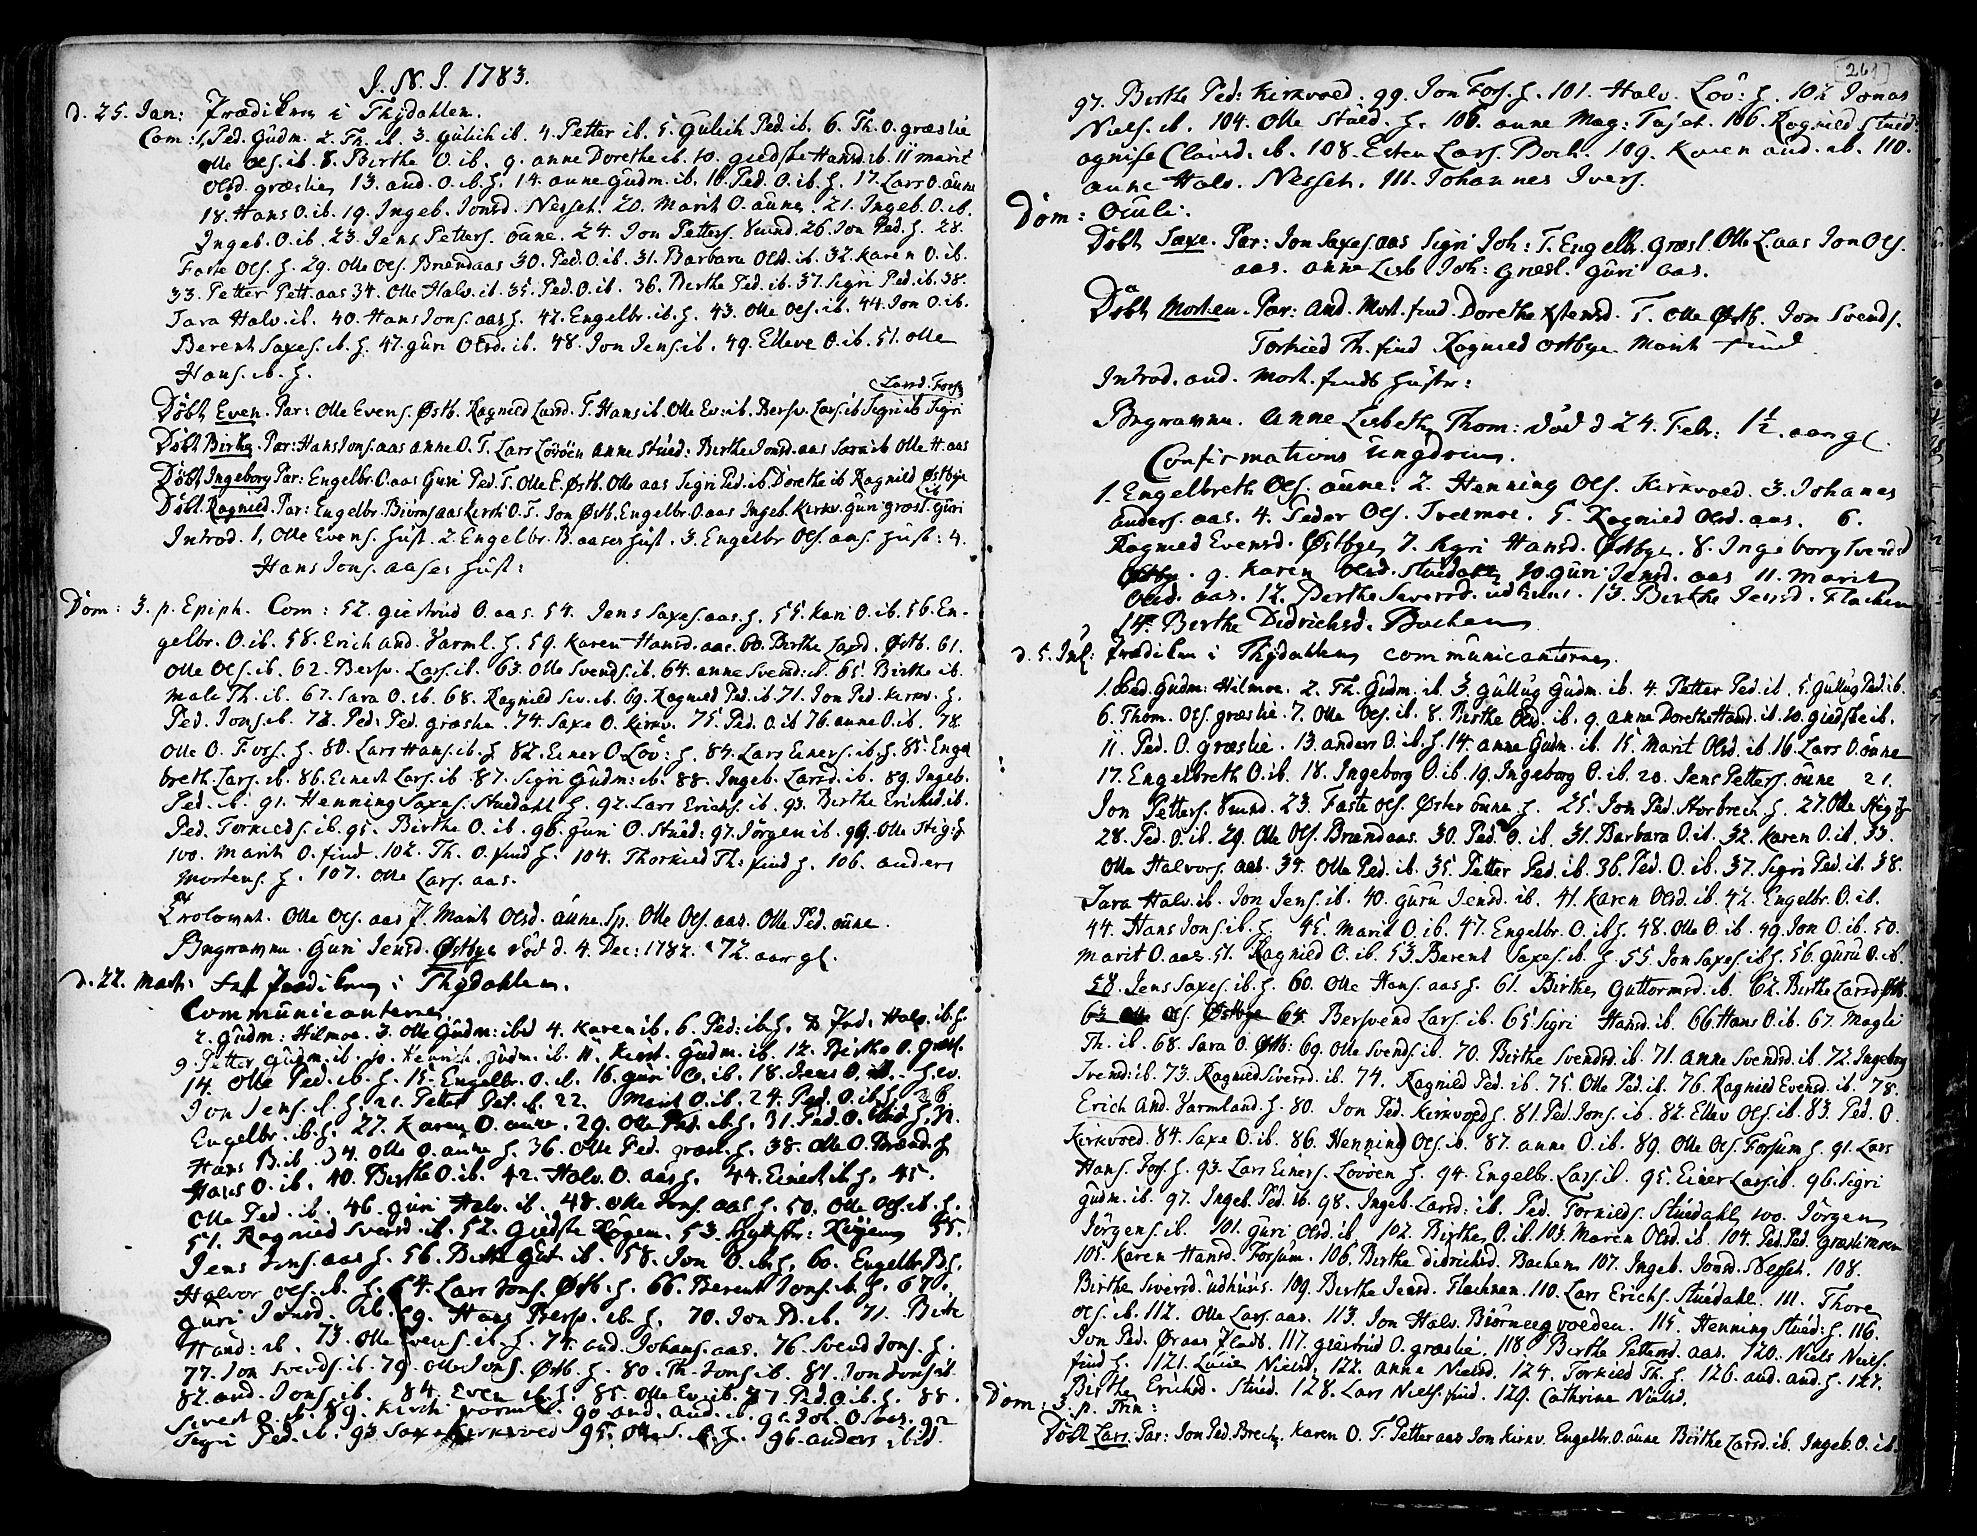 SAT, Ministerialprotokoller, klokkerbøker og fødselsregistre - Sør-Trøndelag, 695/L1139: Ministerialbok nr. 695A02 /2, 1776-1790, s. 261